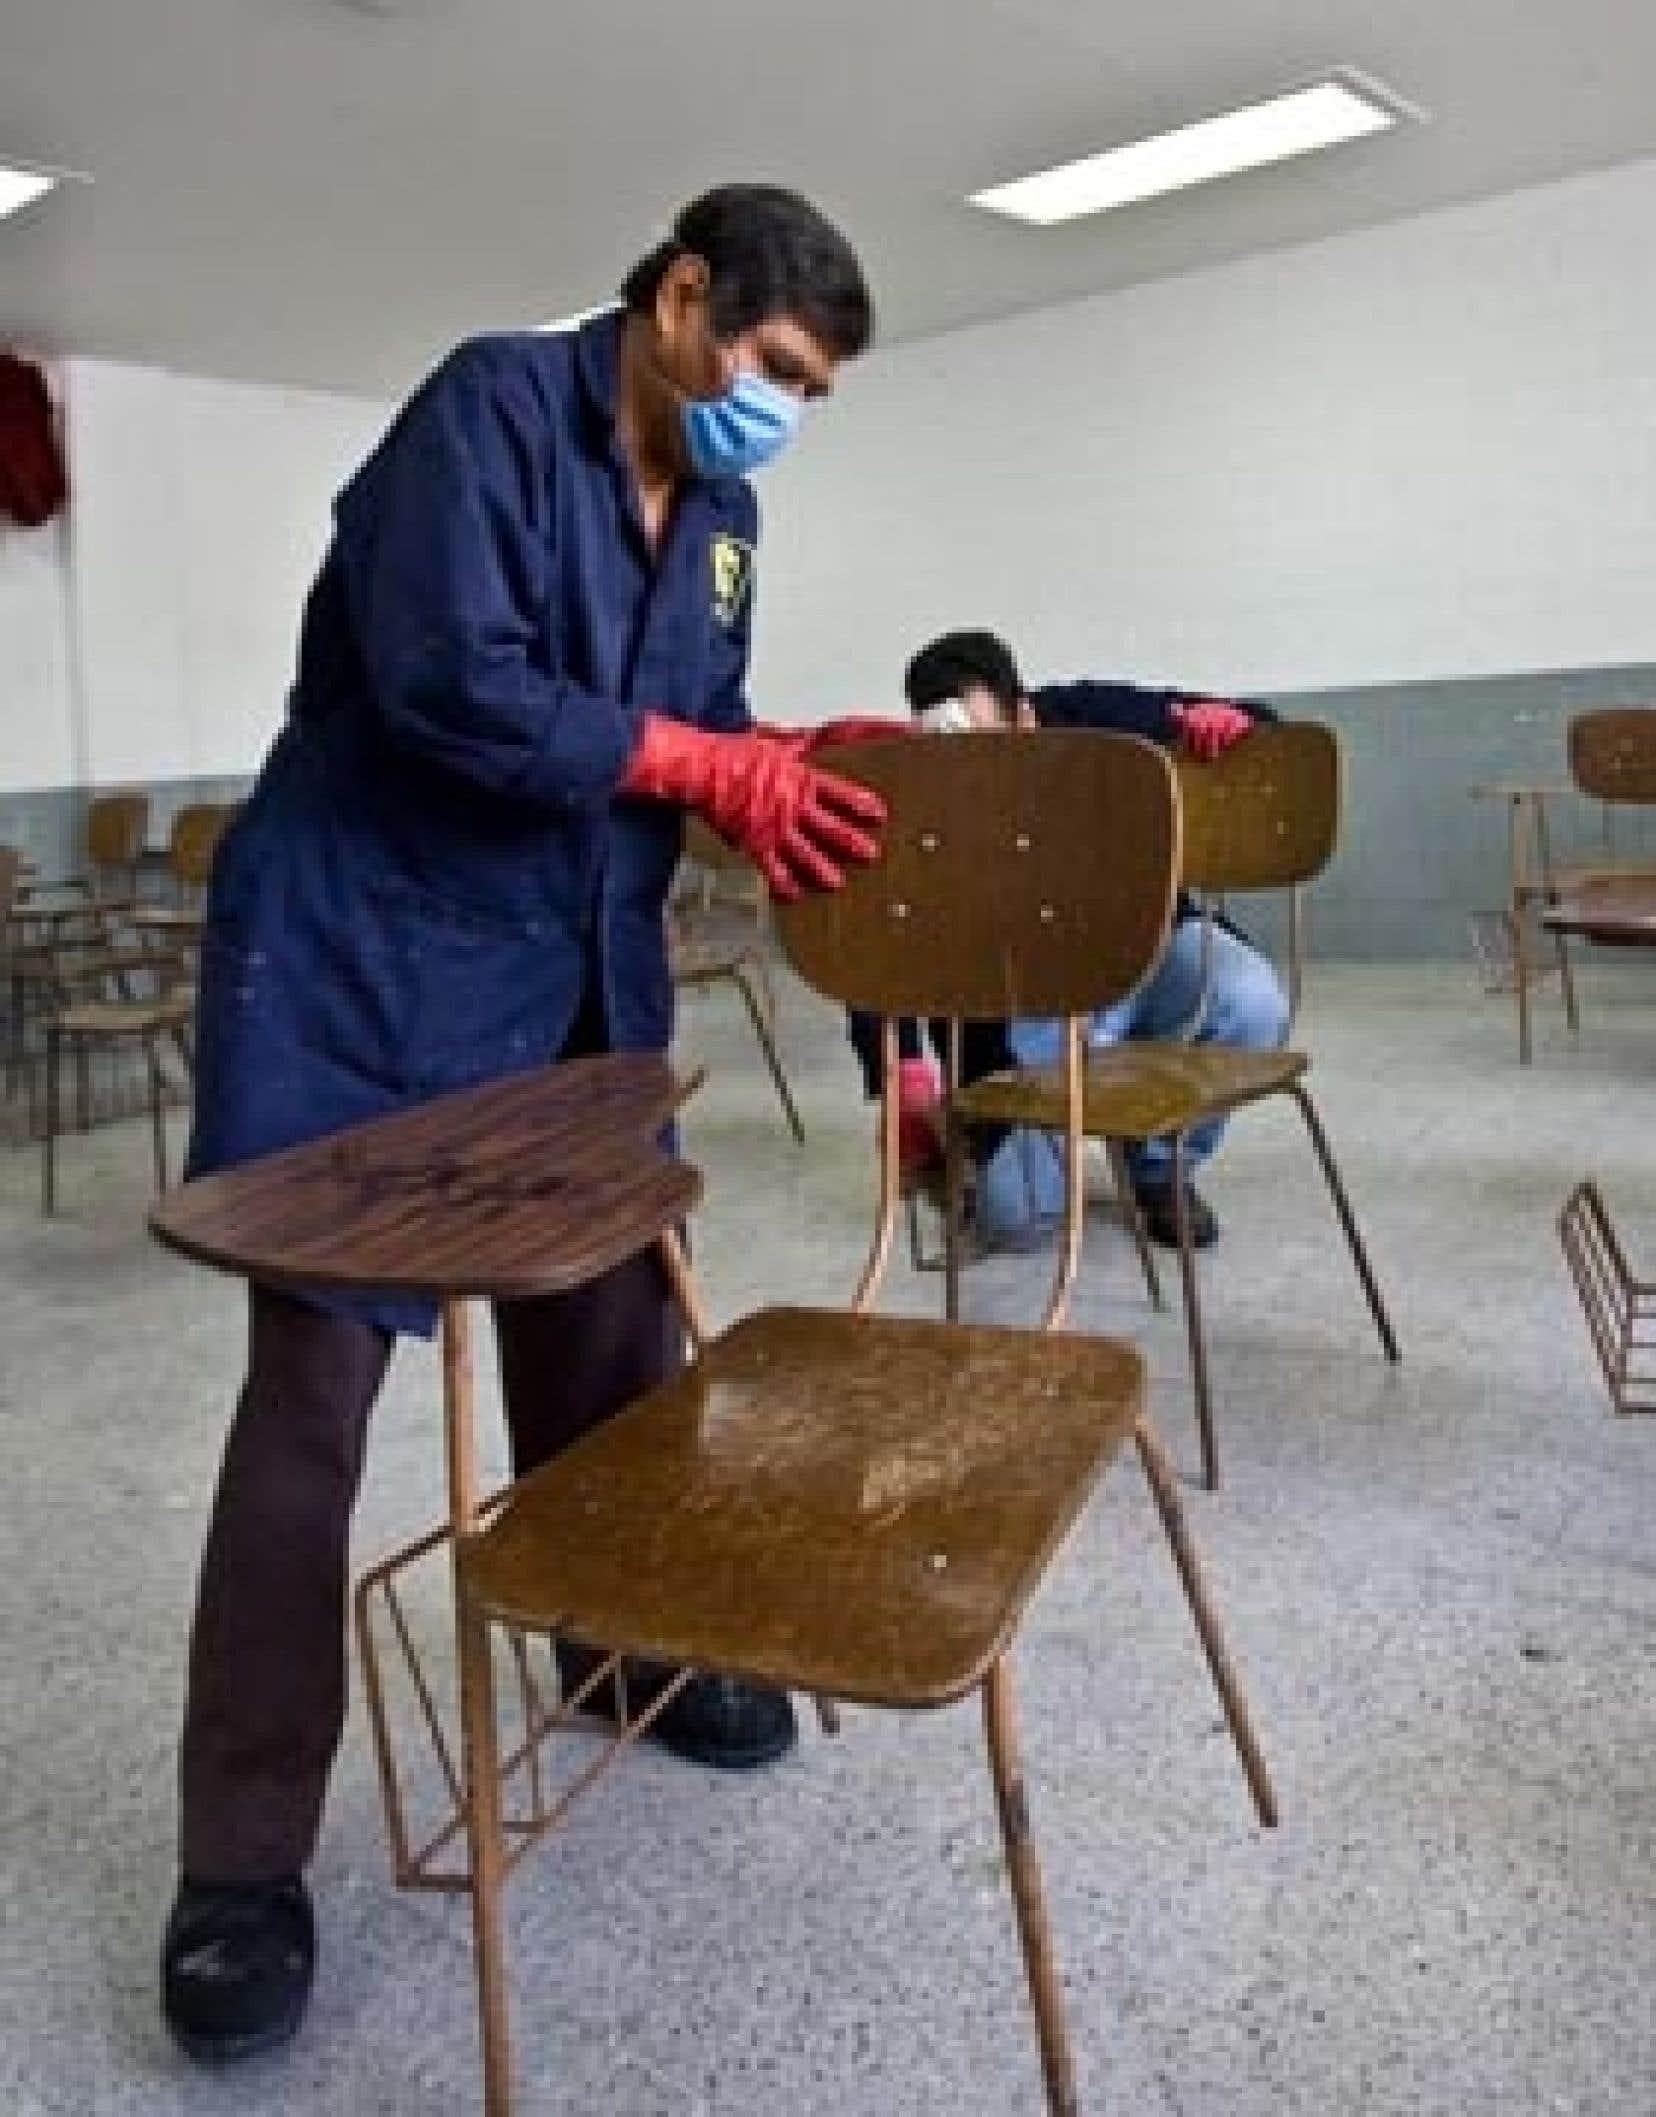 Des employés d'une école mexicaine désinfectent les tables et les chaises d'une classe en prévision du retour des élèves.